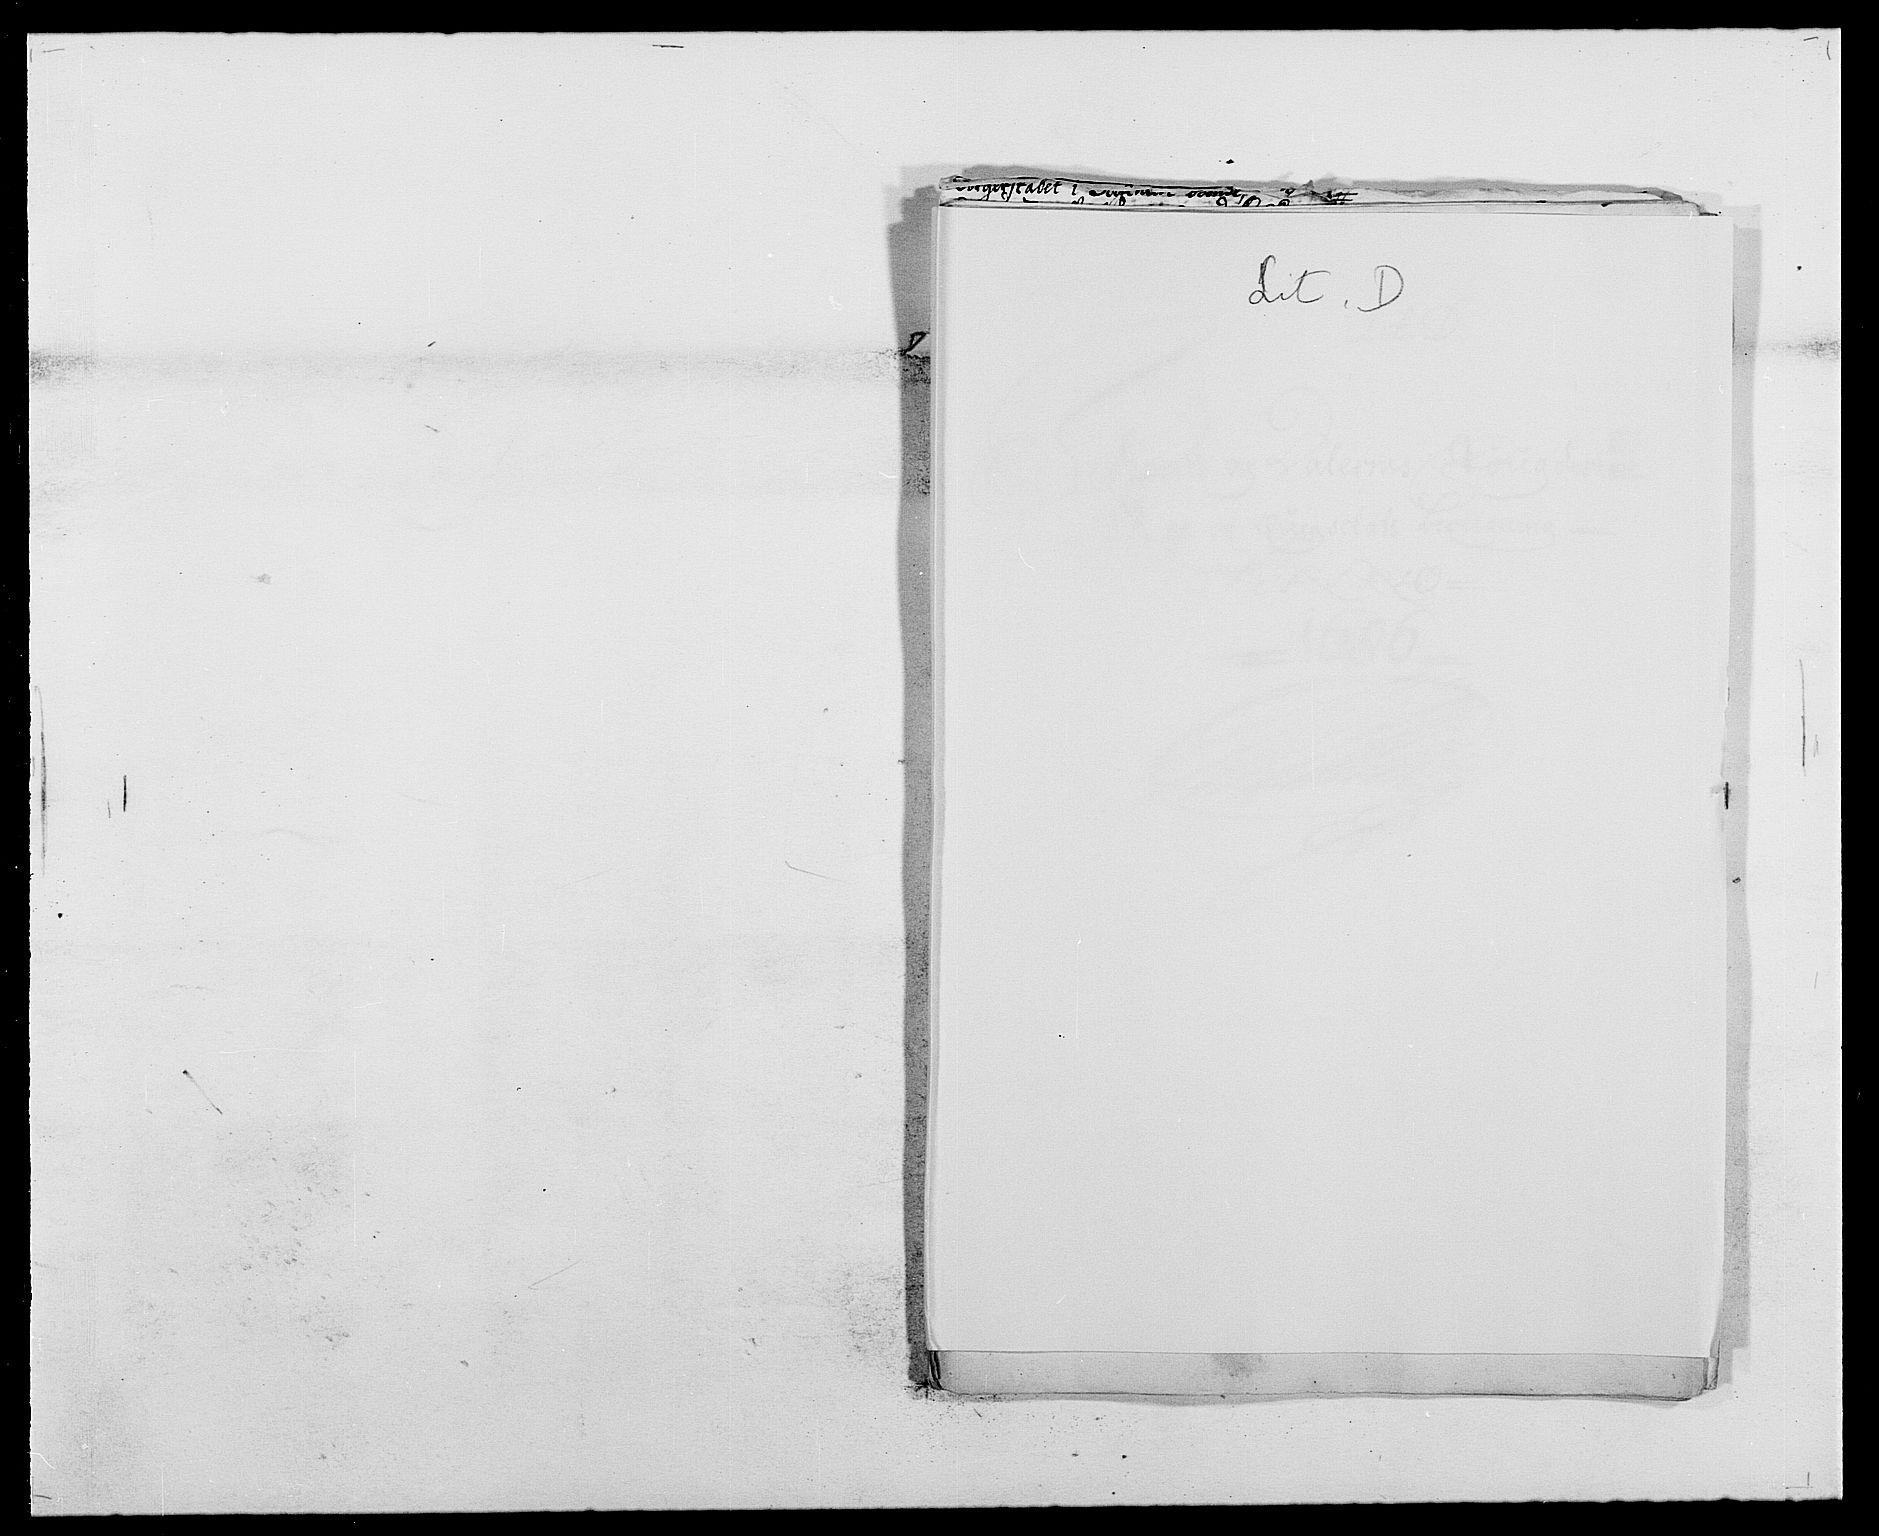 RA, Rentekammeret inntil 1814, Reviderte regnskaper, Fogderegnskap, R46/L2726: Fogderegnskap Jæren og Dalane, 1686-1689, s. 62